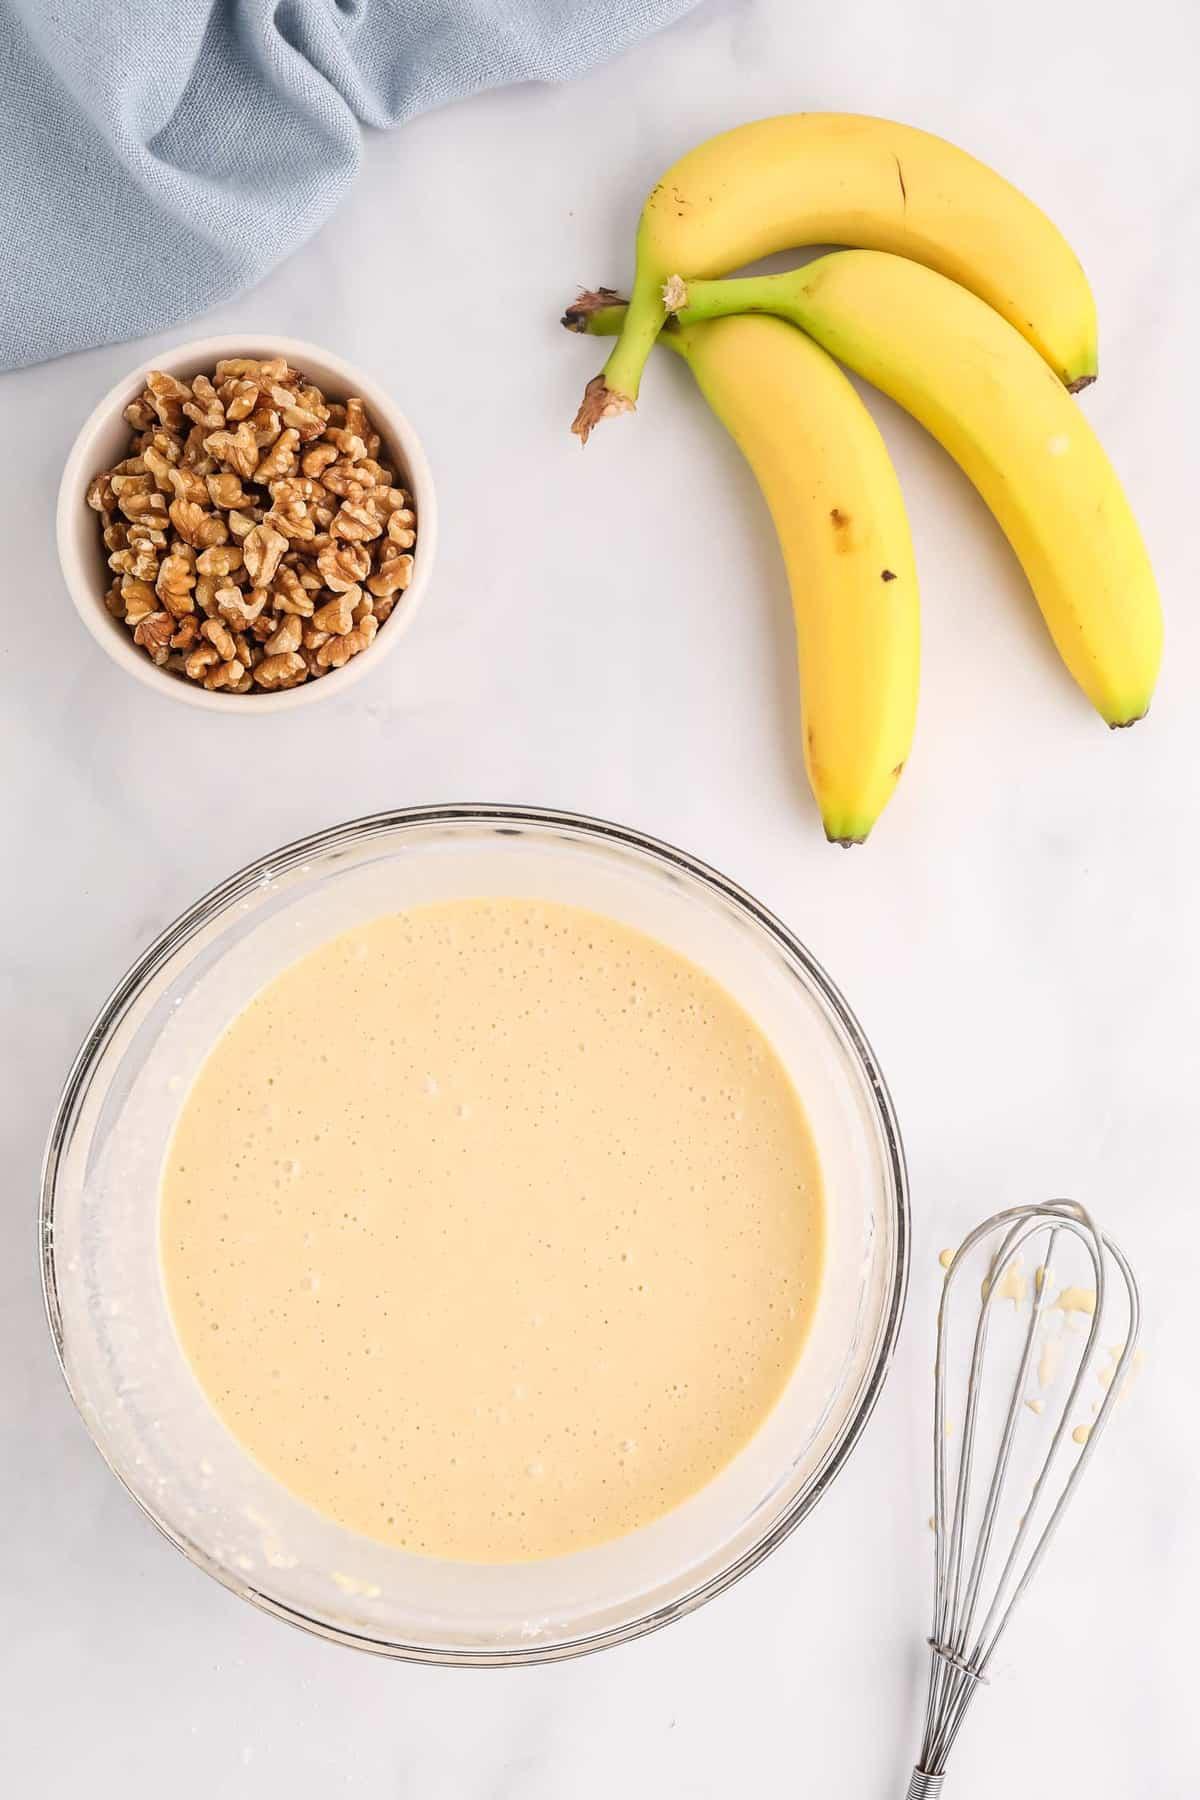 Pancake batter in a bowl.